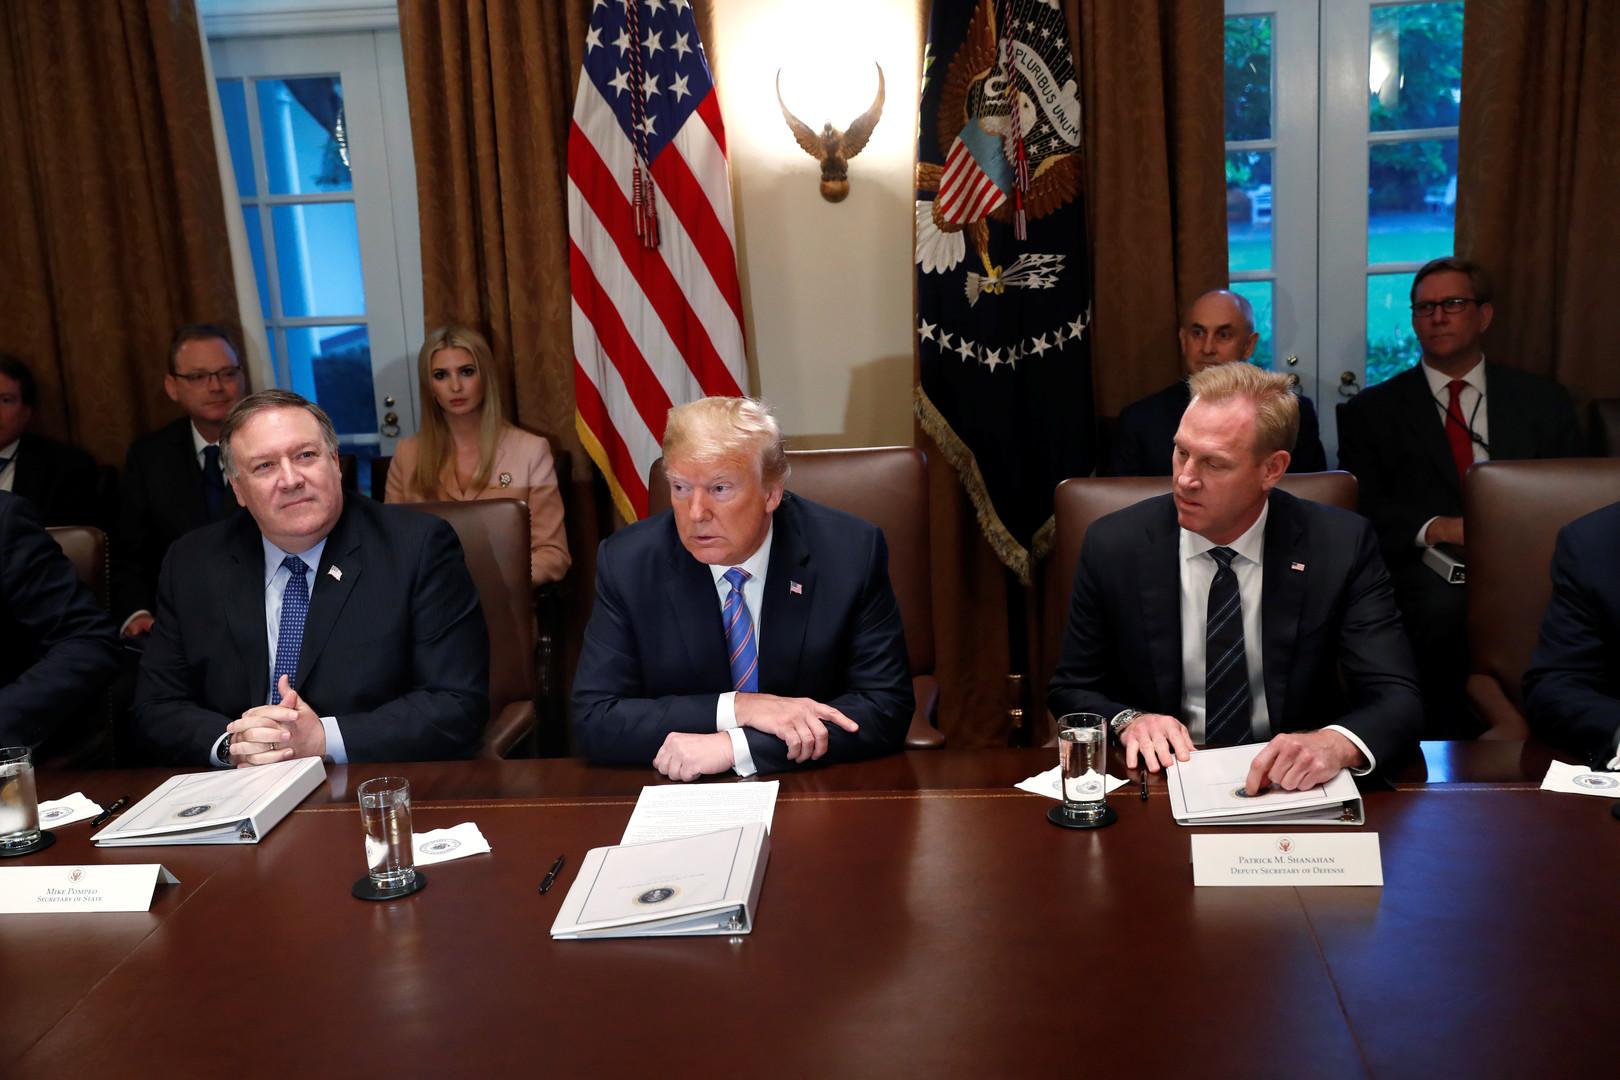 إدارة ترامب تحذر من هجمات جديدة على ناقلات النفط وتناقش الخيارات في مضيق هرمز مع حلفائها